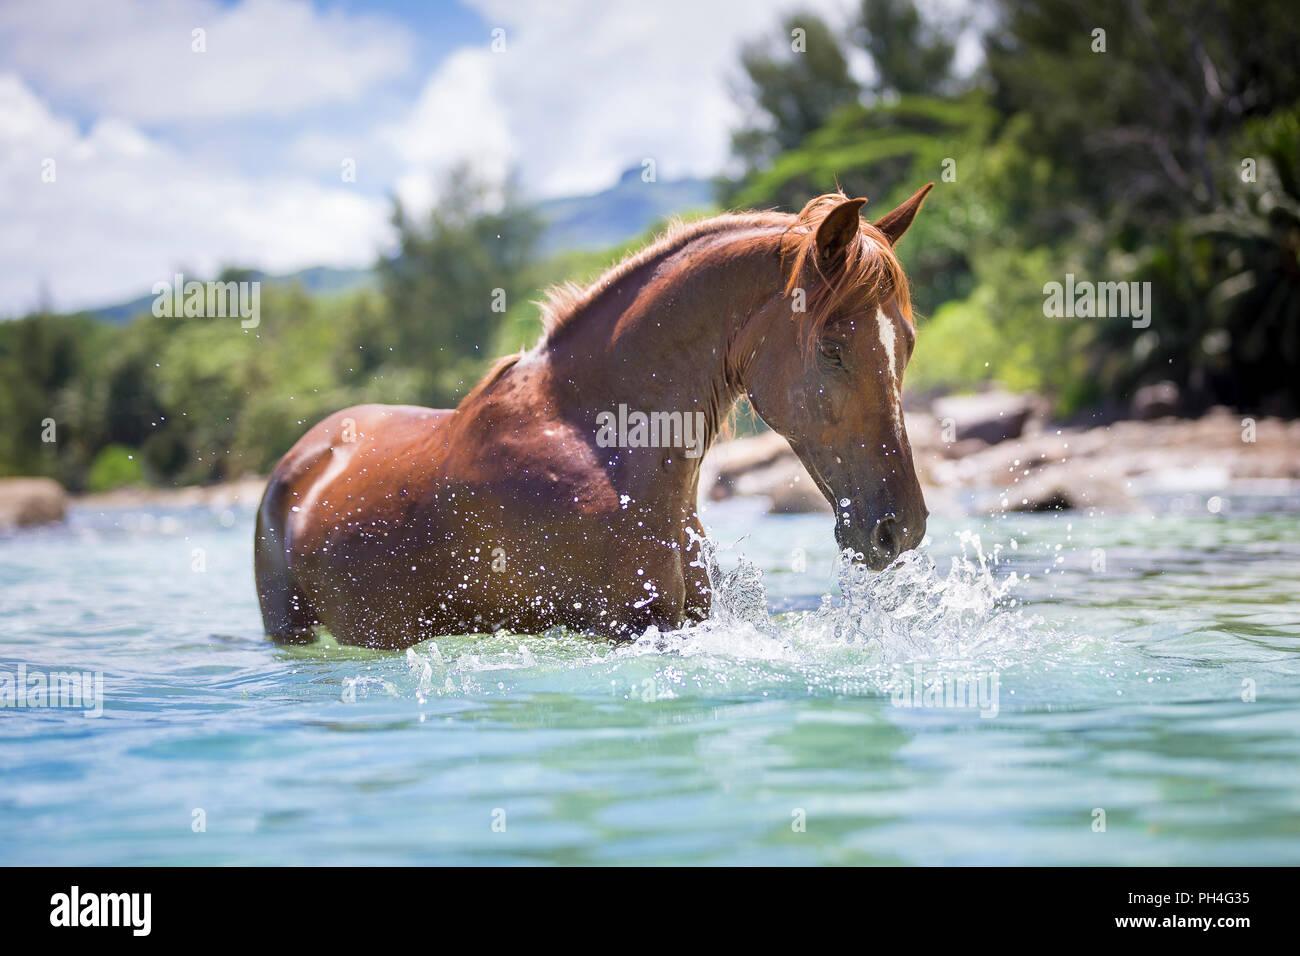 Arabische Pferd. Fuchswallach, der im Meer, das Spiel mit dem Wasser. Seychellen Stockbild